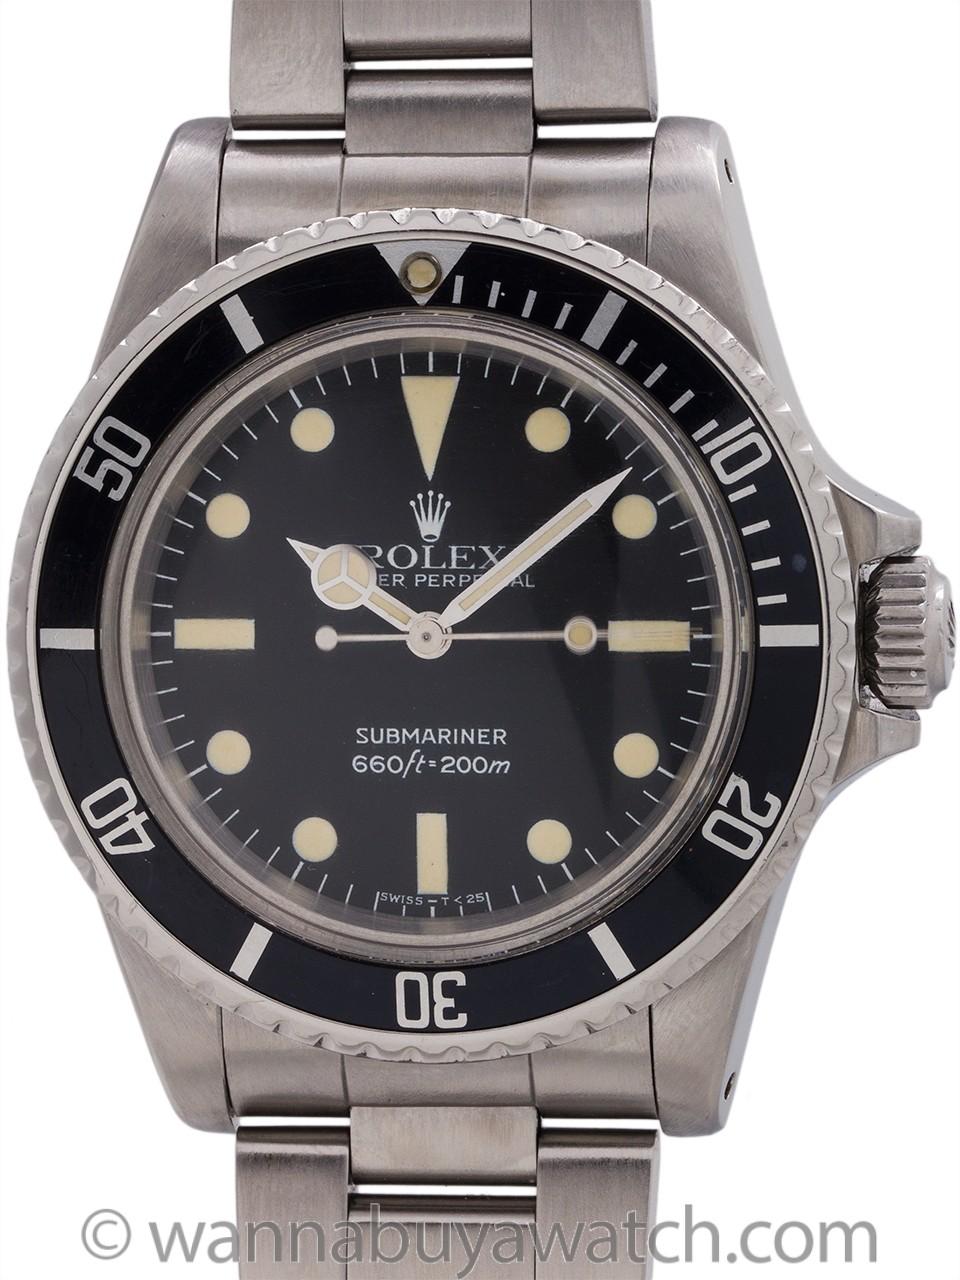 Rolex Submariner ref# 5513 Maxi Dial circa 1978